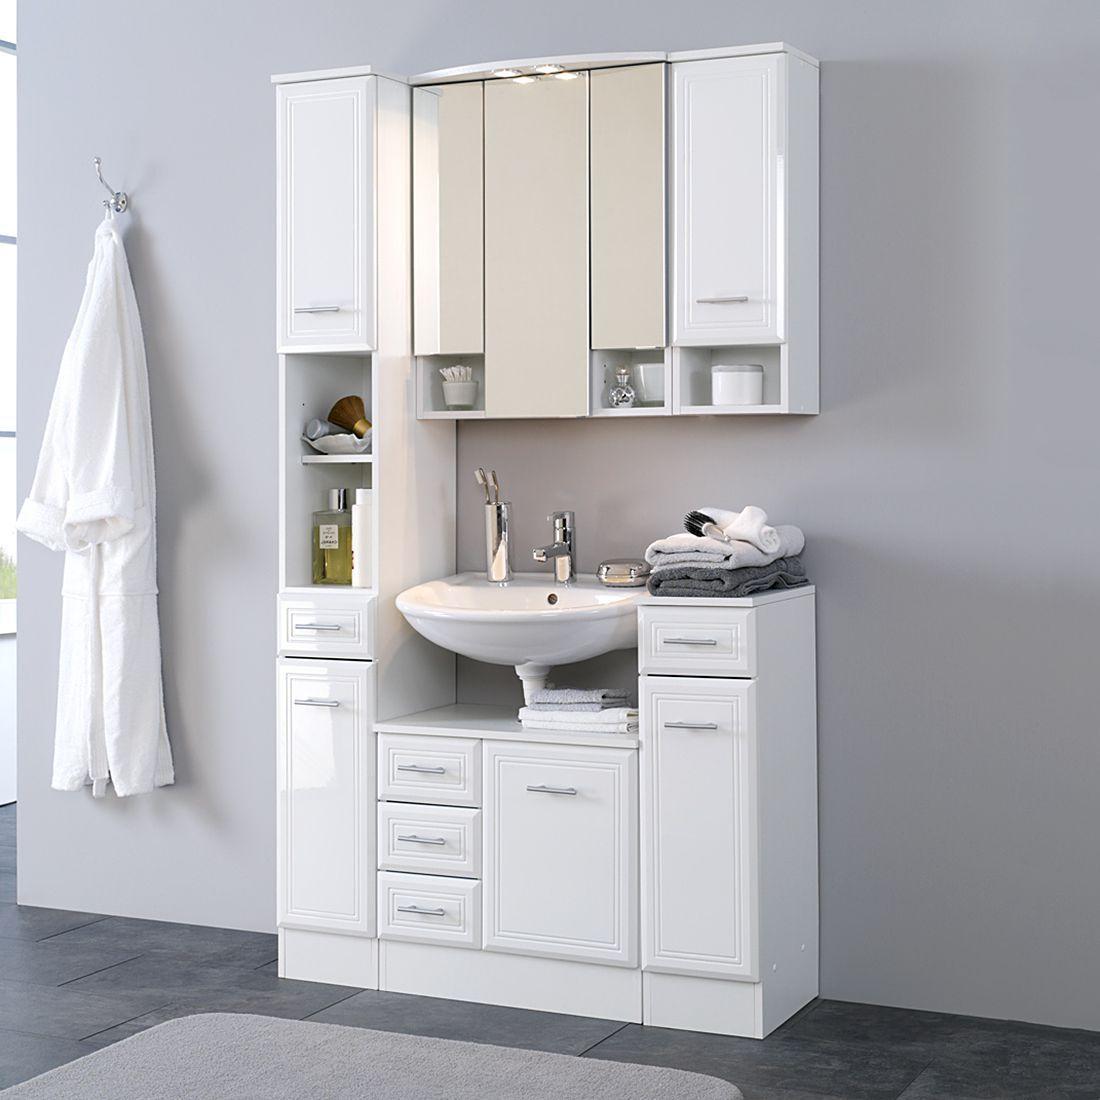 bad hängeschrank weiß 50 cm | badmöbel günstig online ...